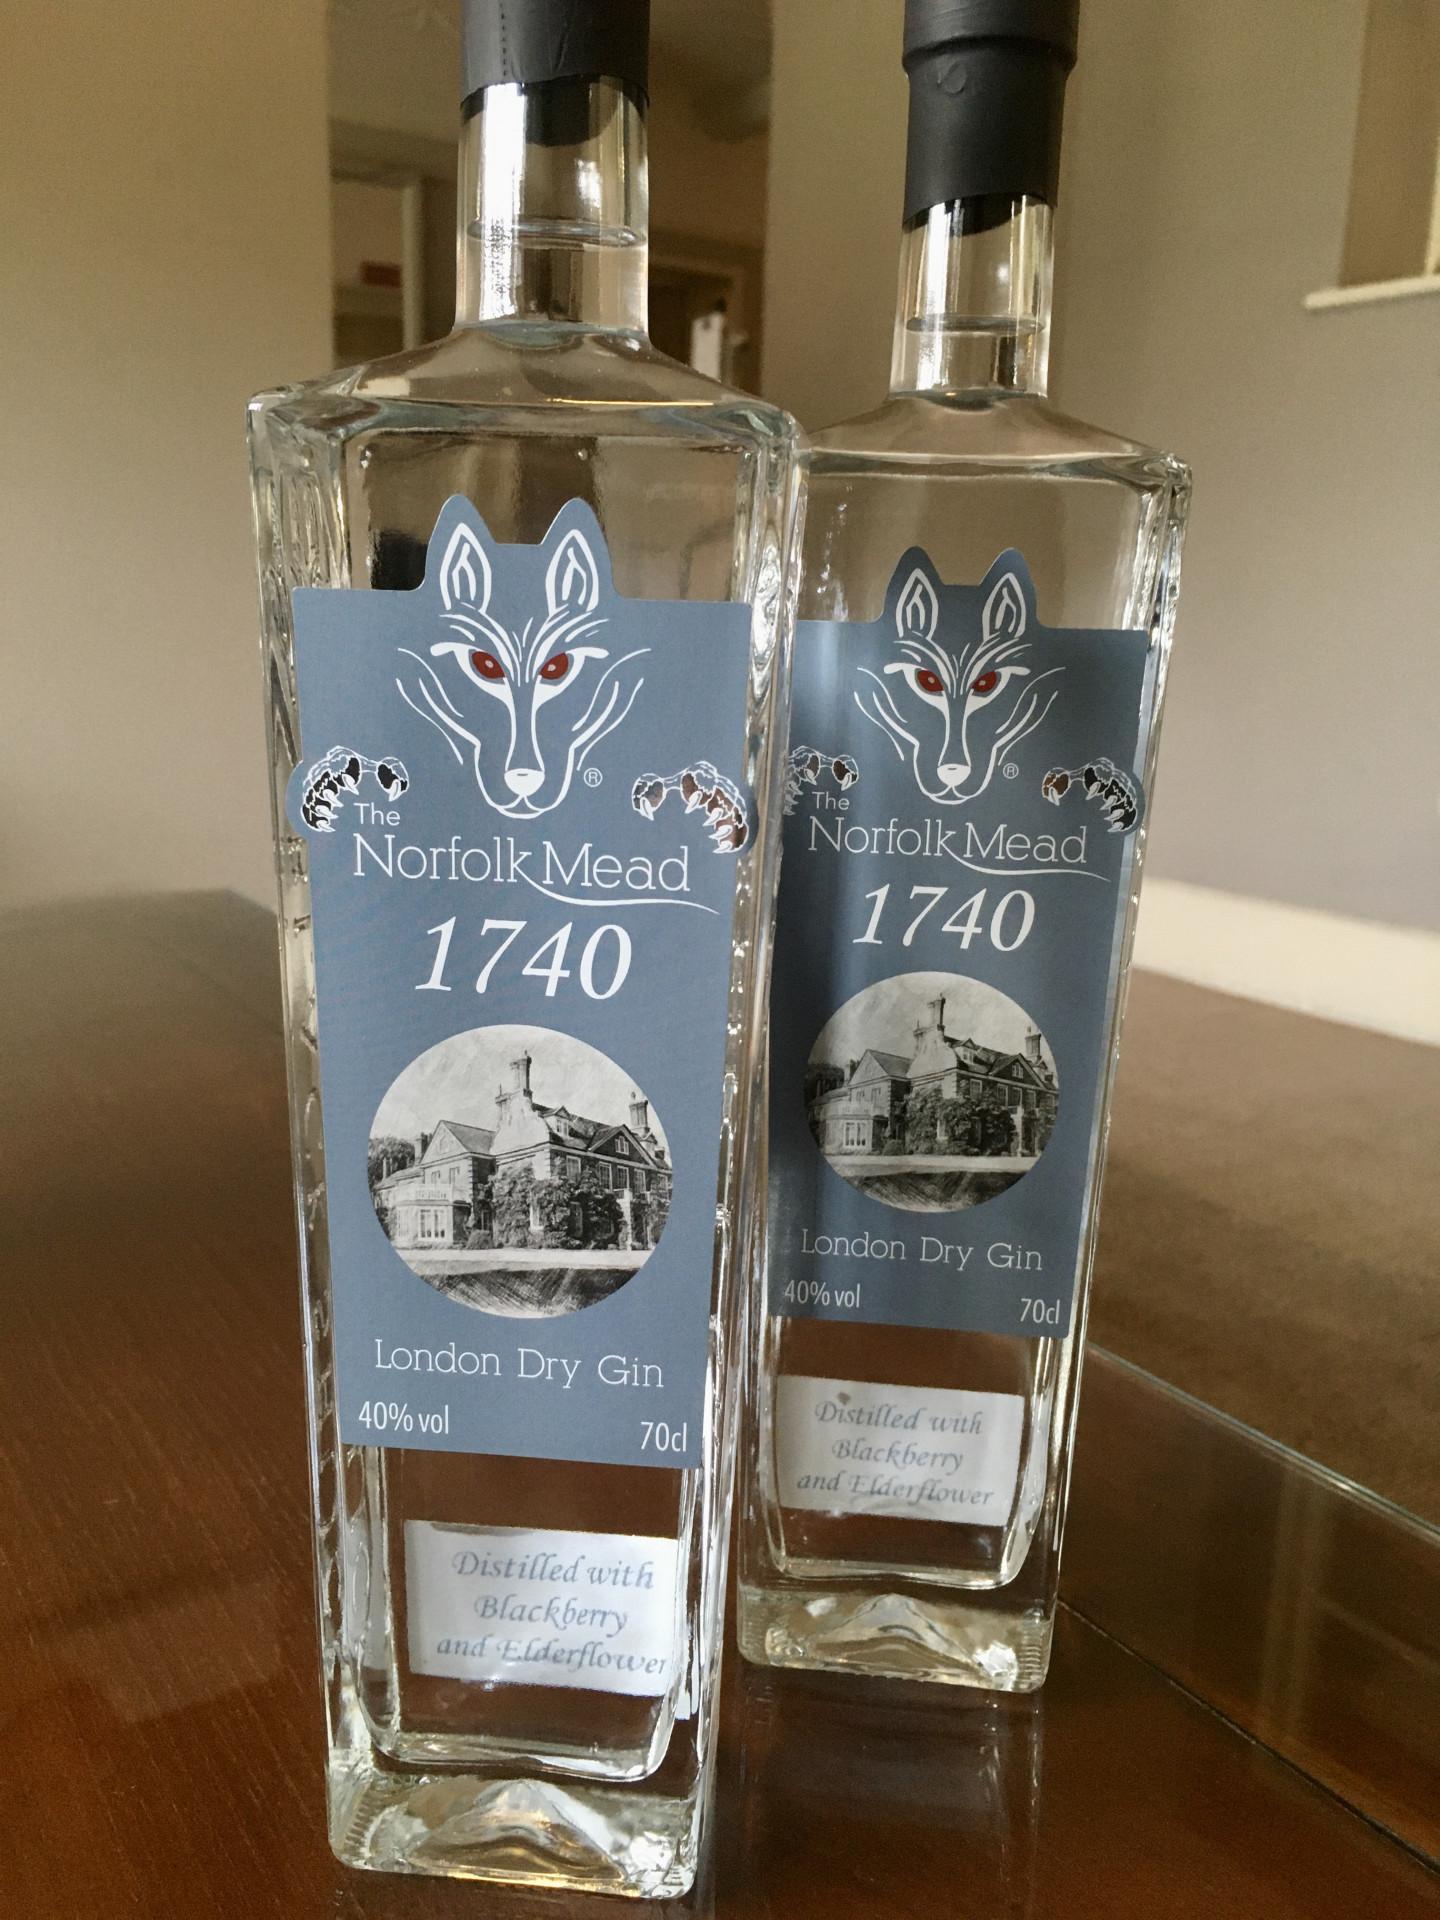 Norfolk Mead 1740 Gin distilled with Blackberry and Elderflower